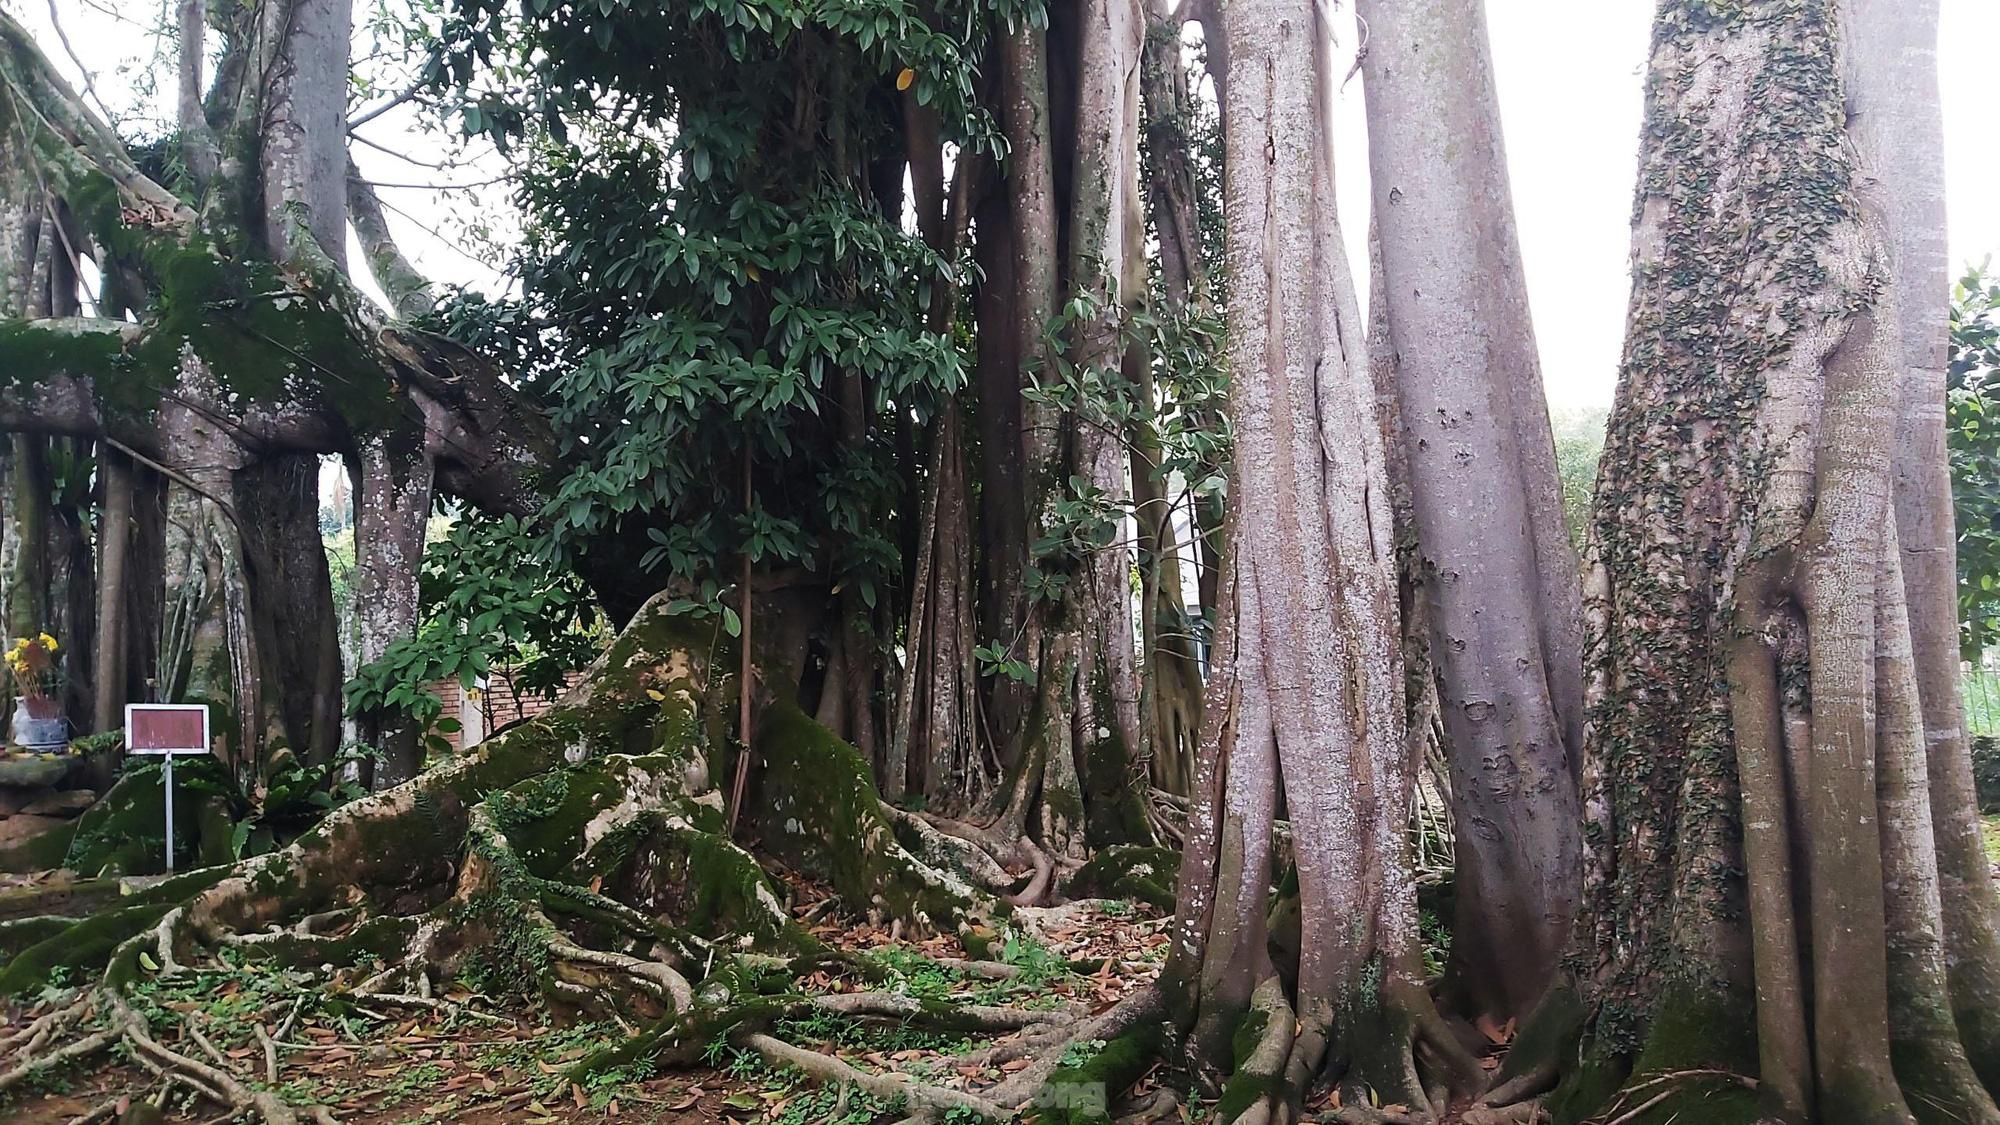 """""""Quái cây"""" đa Thần Rùa hàng ngàn năm tuổi với bộ rễ quá khủng như những con rắn khổng lồ - Ảnh 3."""